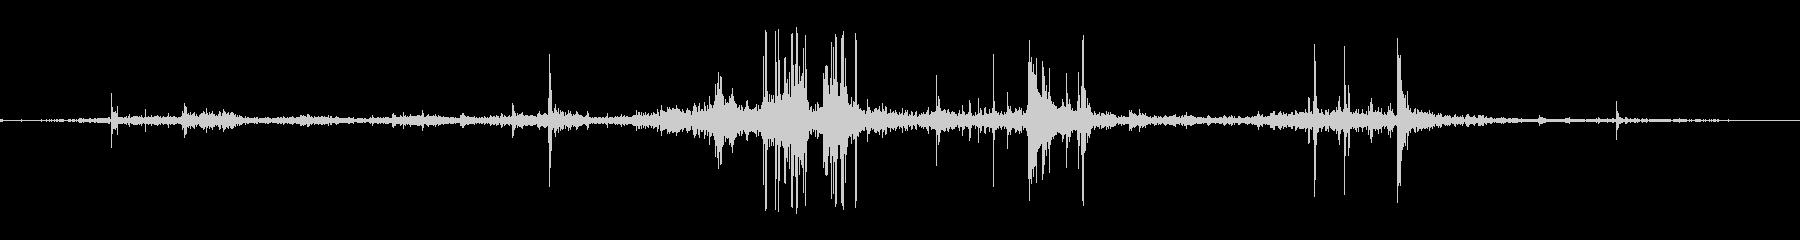 ジェネリックジャンクアンドデブリクランチの未再生の波形